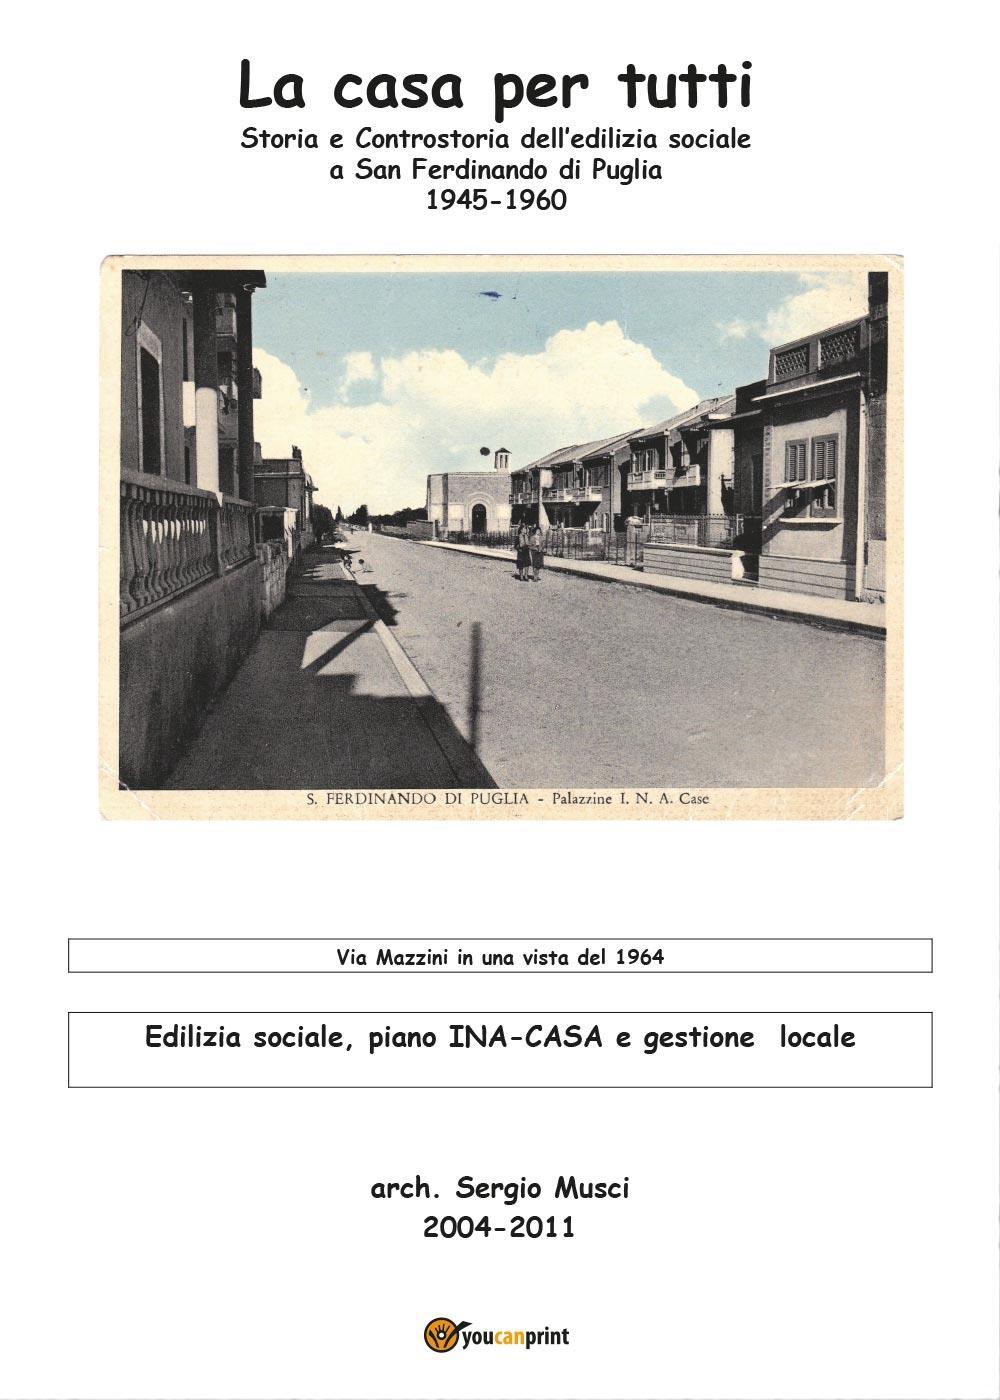 La casa per tutti? Storia e Controstoria dell'edilizia sociale a San Ferdinando di Puglia 1945-1960 Edilizia sociale, piano INA CASA e gestione locale